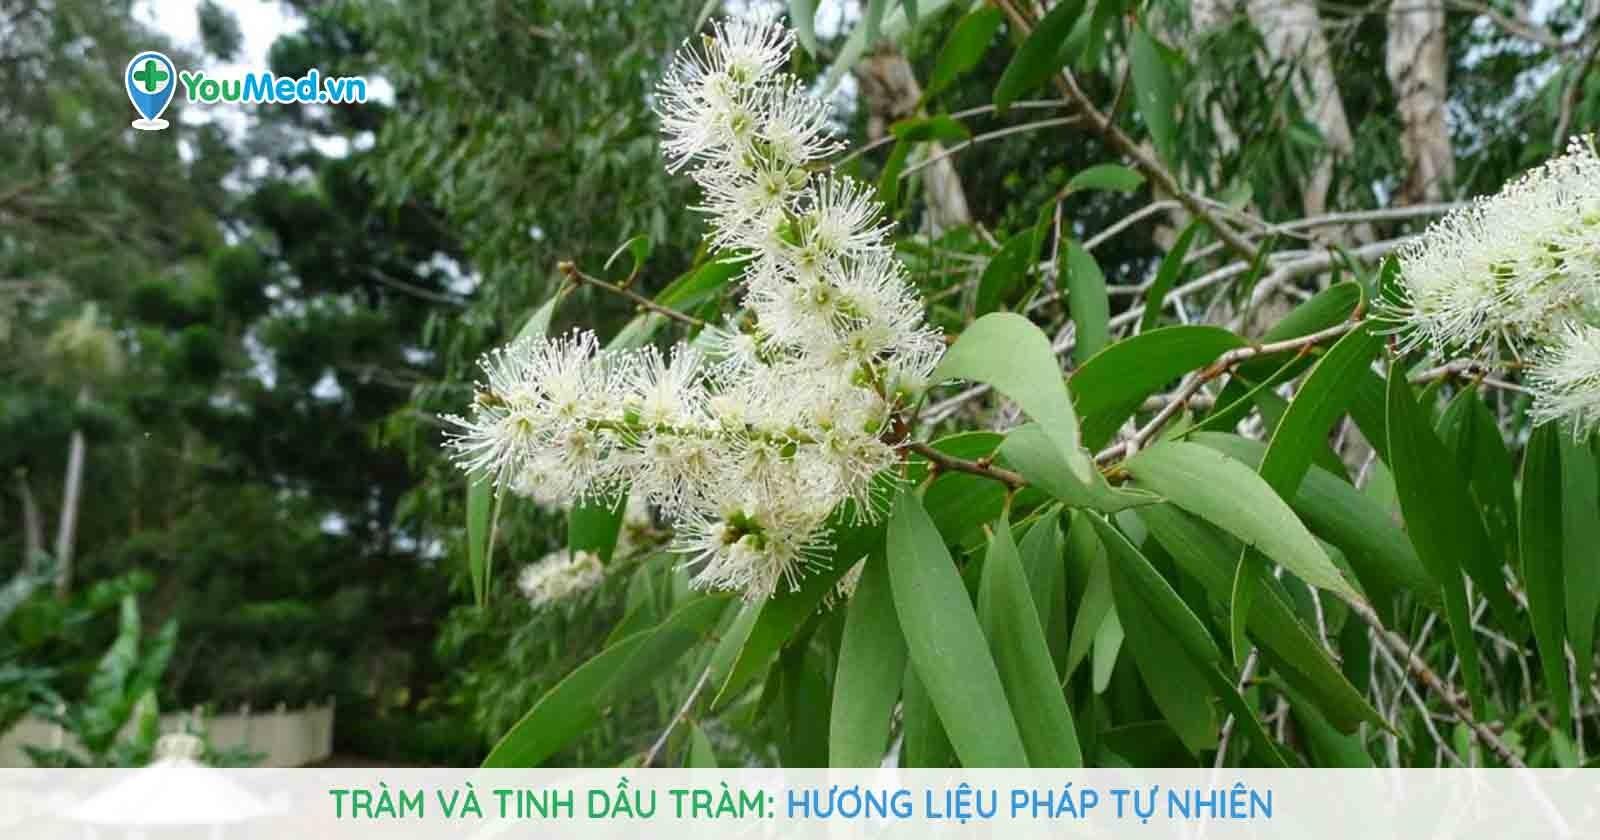 Tràm và tinh dầu tràm: Hương liệu pháp tự nhiên